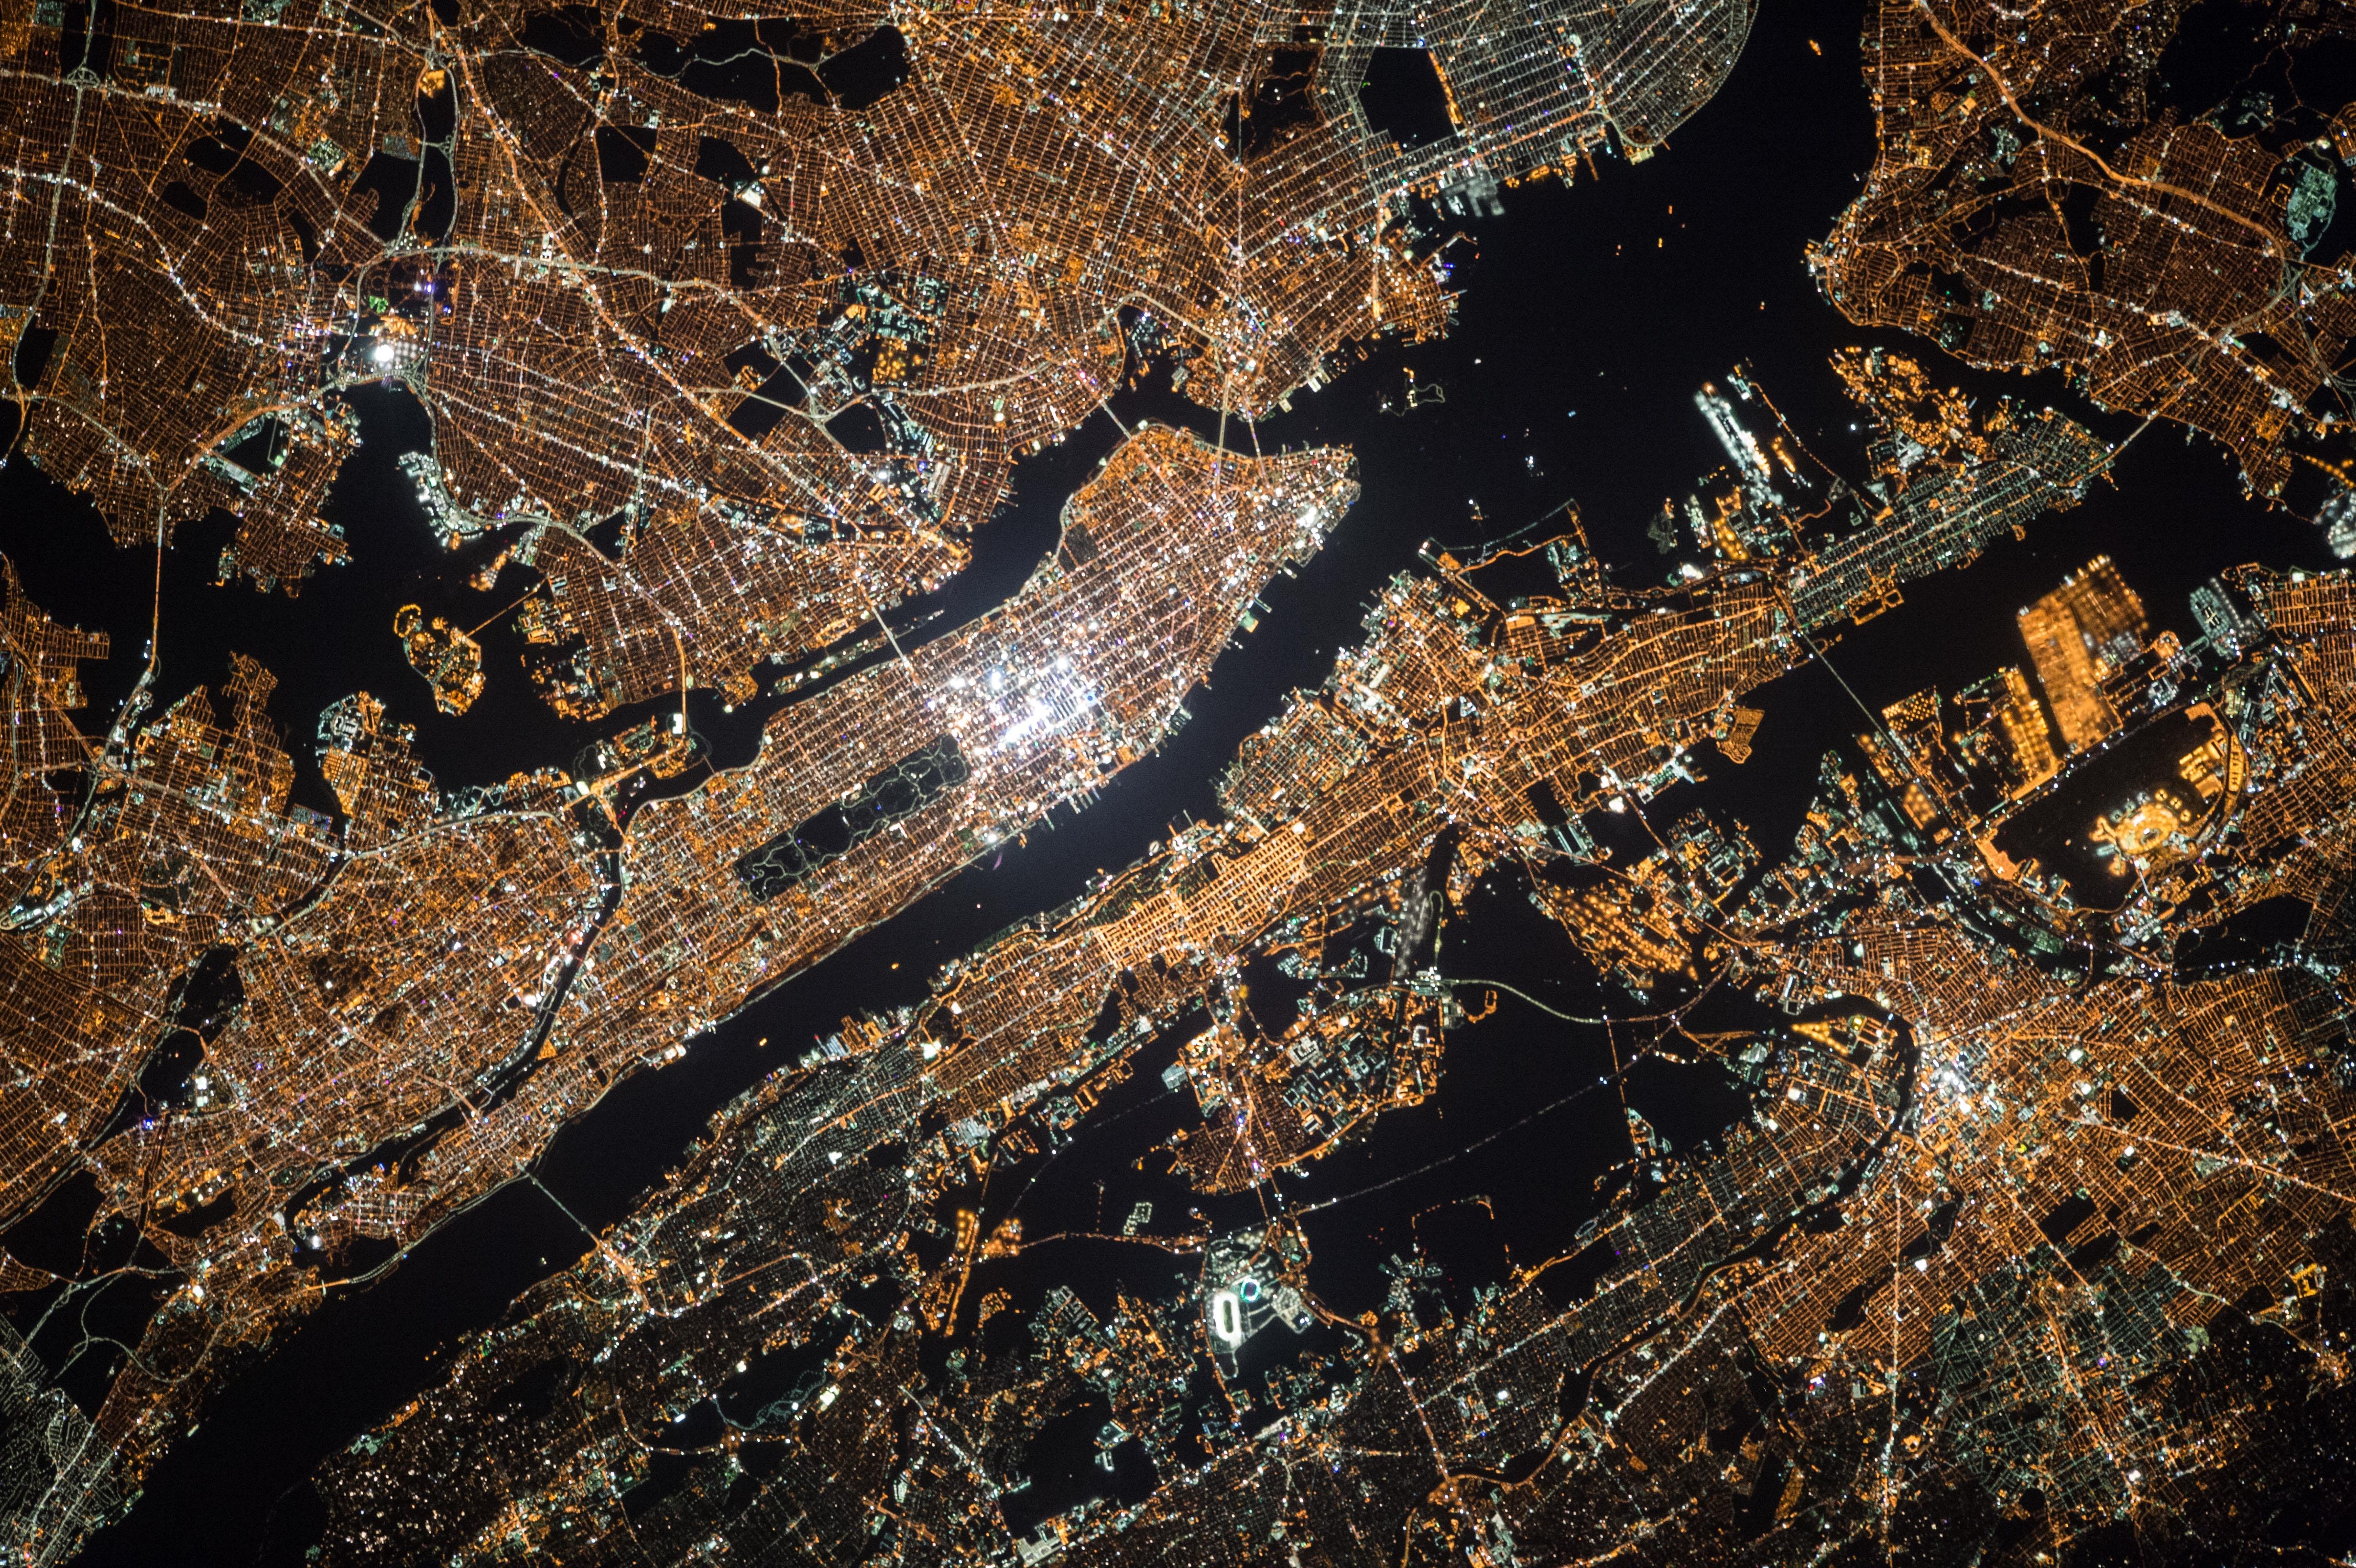 картинки ландшафта европы спутник объяснил, что